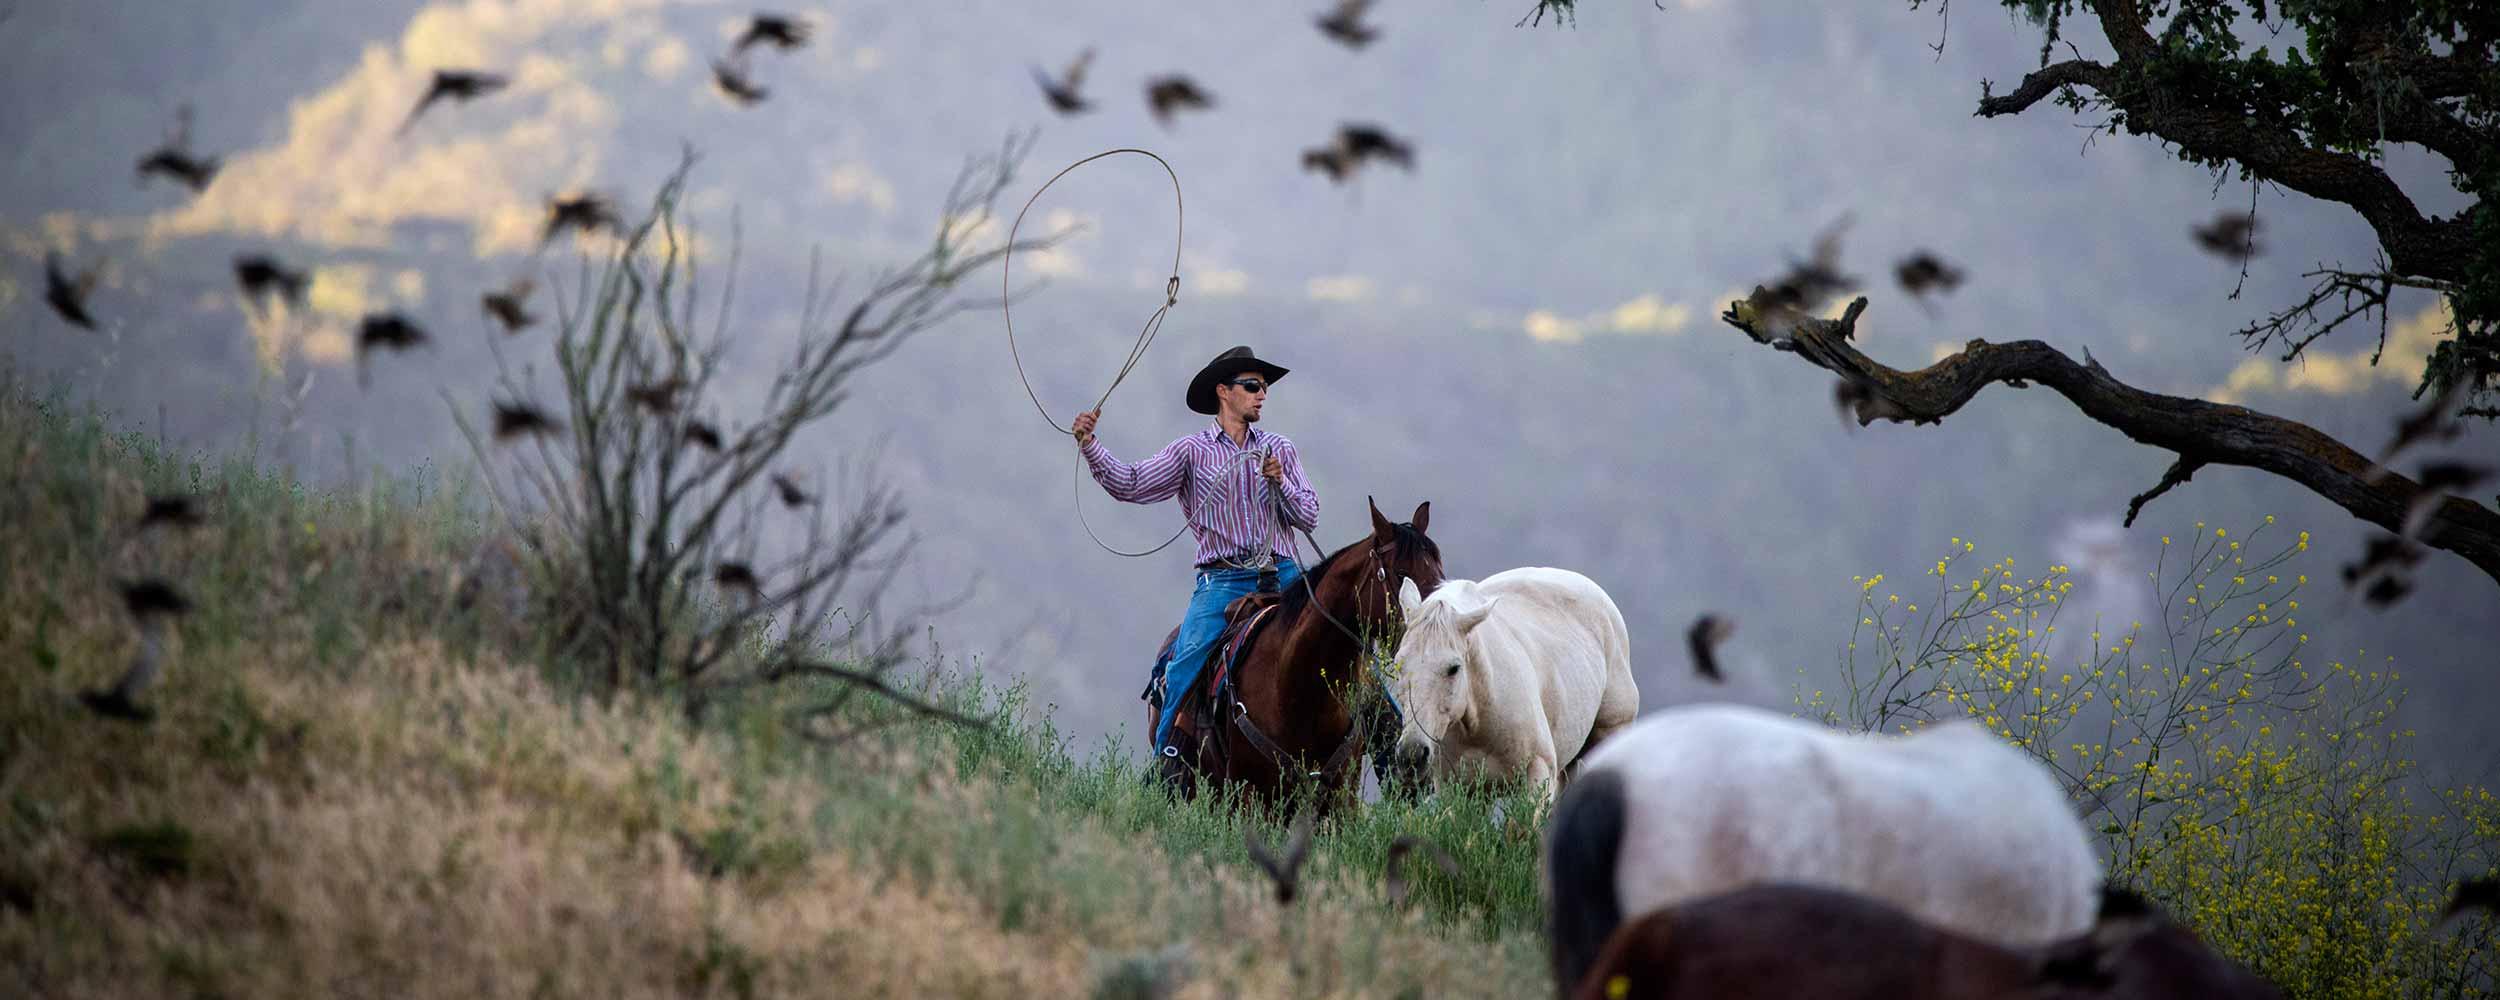 horse wrangling at Alisal Ranch - Alisal Resort in Solvang California